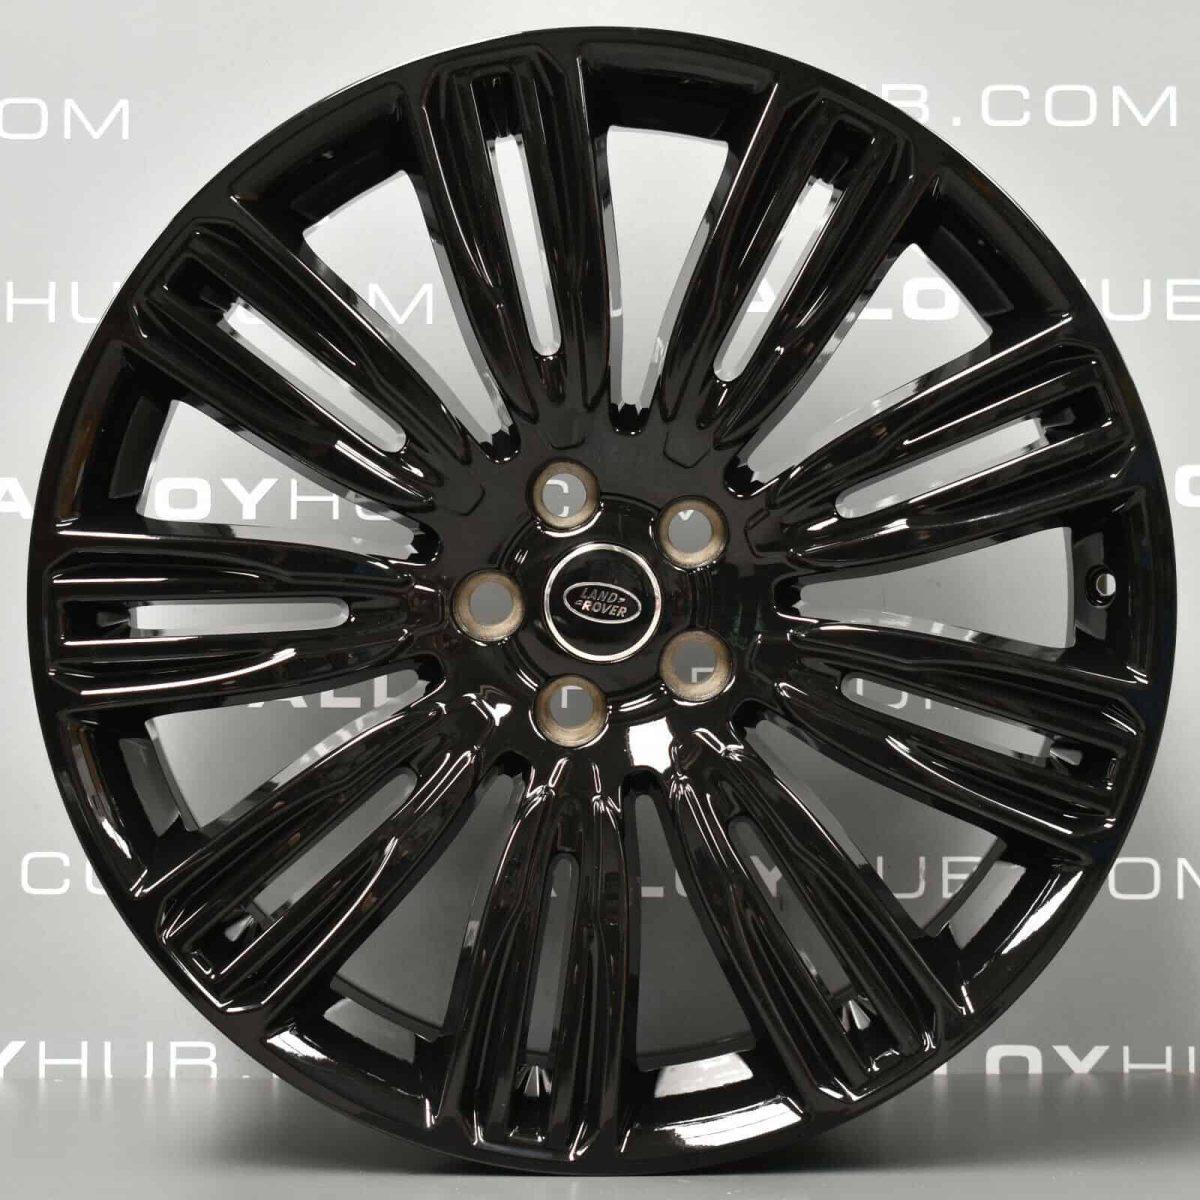 """Genuine Land Rover Range Rover Velar 22"""" inch Style 9007 9 Split-Spoke Alloy Wheels with Gloss Black Finish LR093331"""